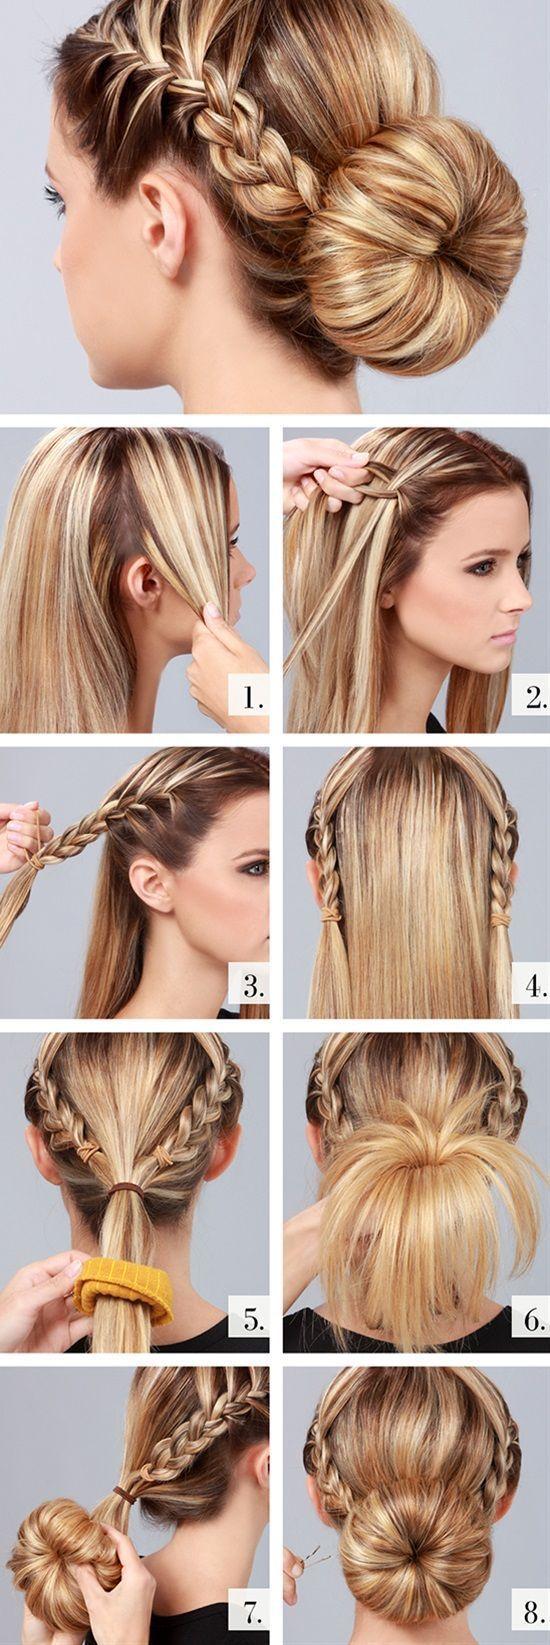 Cute braided bun hairstyles bun hairstyle braid hairstyles and